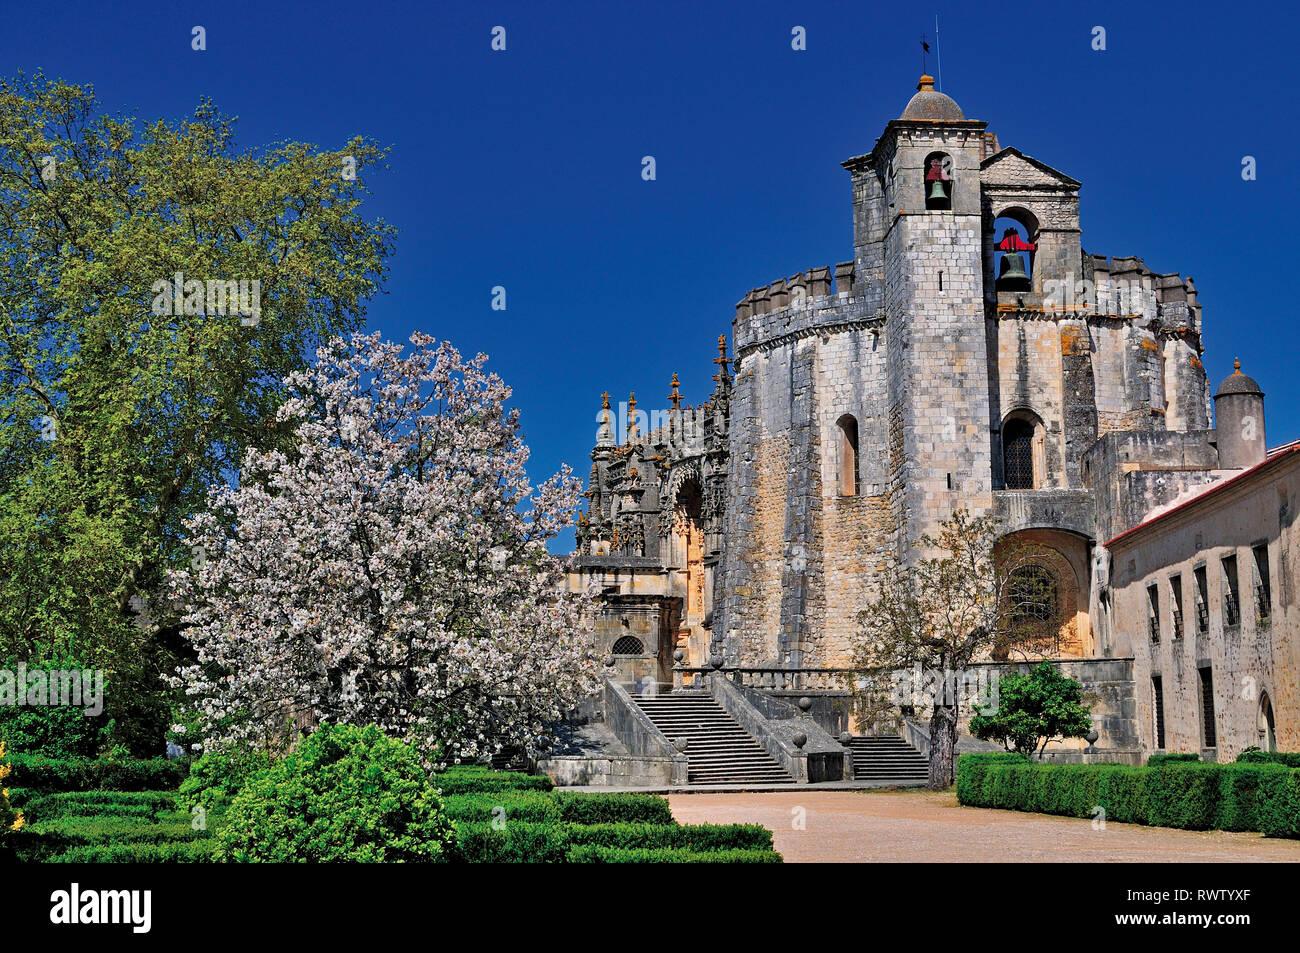 Im freien mittleren Alters Kloster und Templer Burg in Tomar Stockfoto